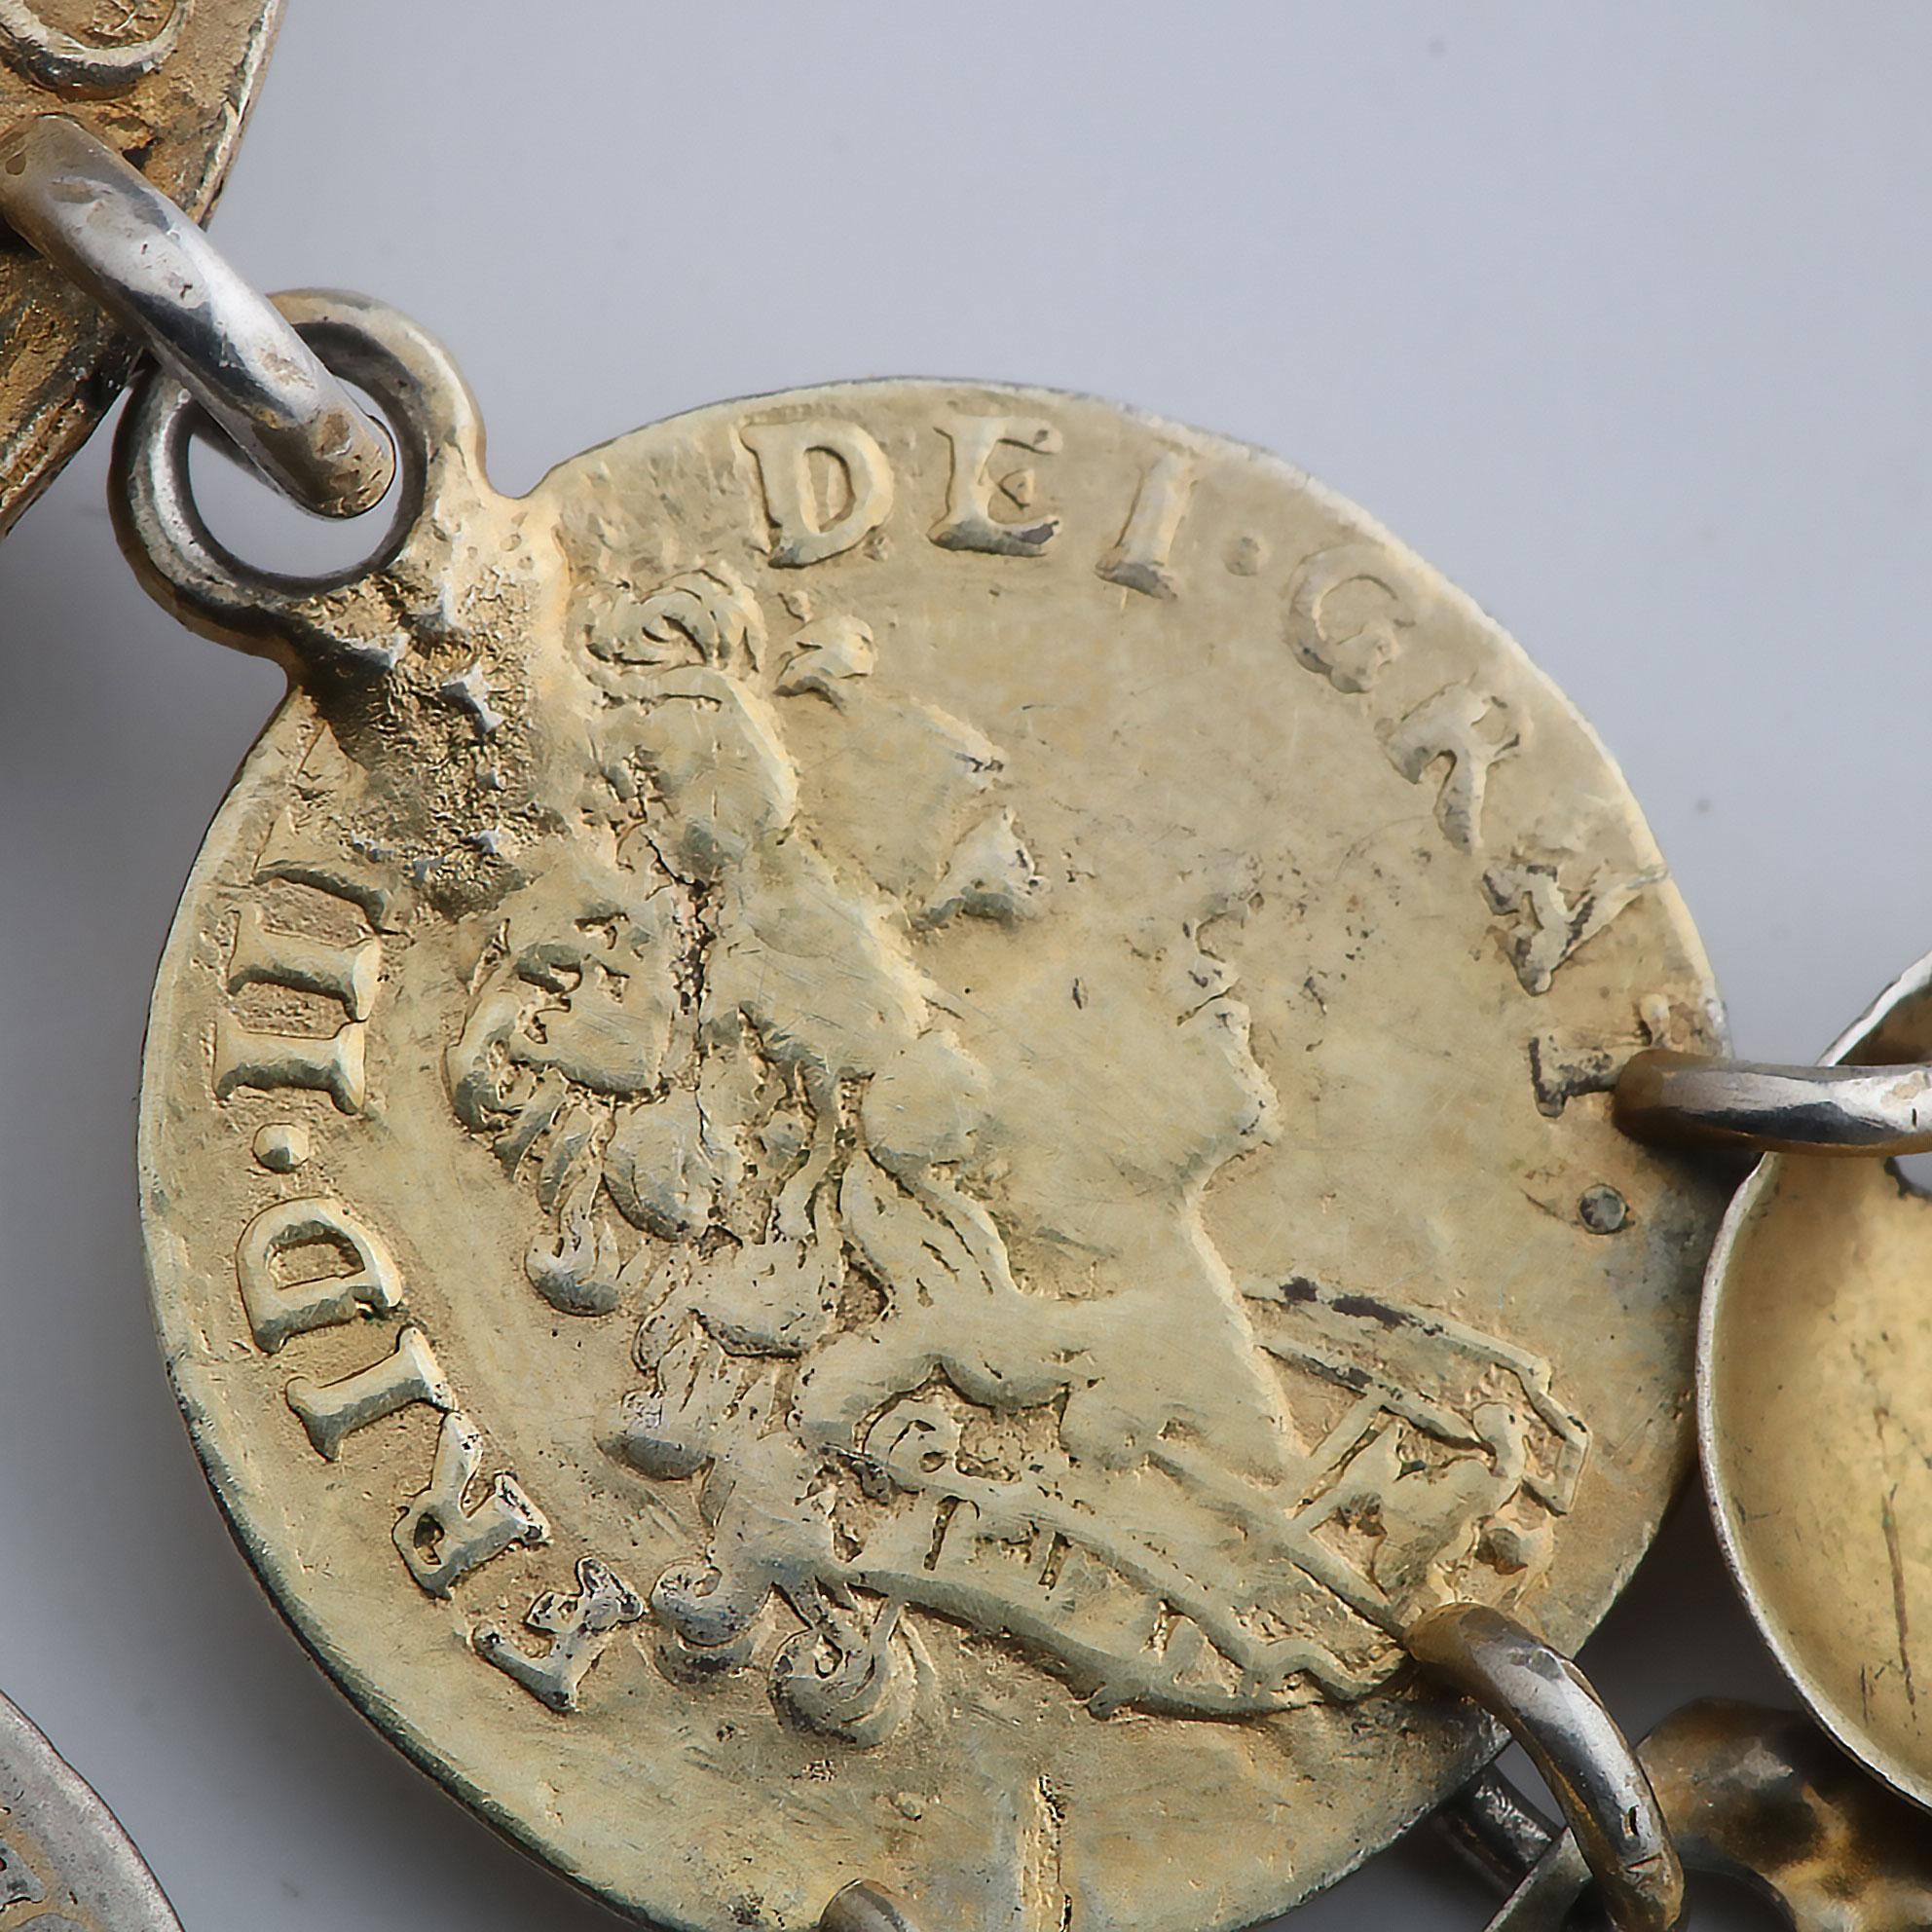 Brudedaler med 1 speciedaler 1824